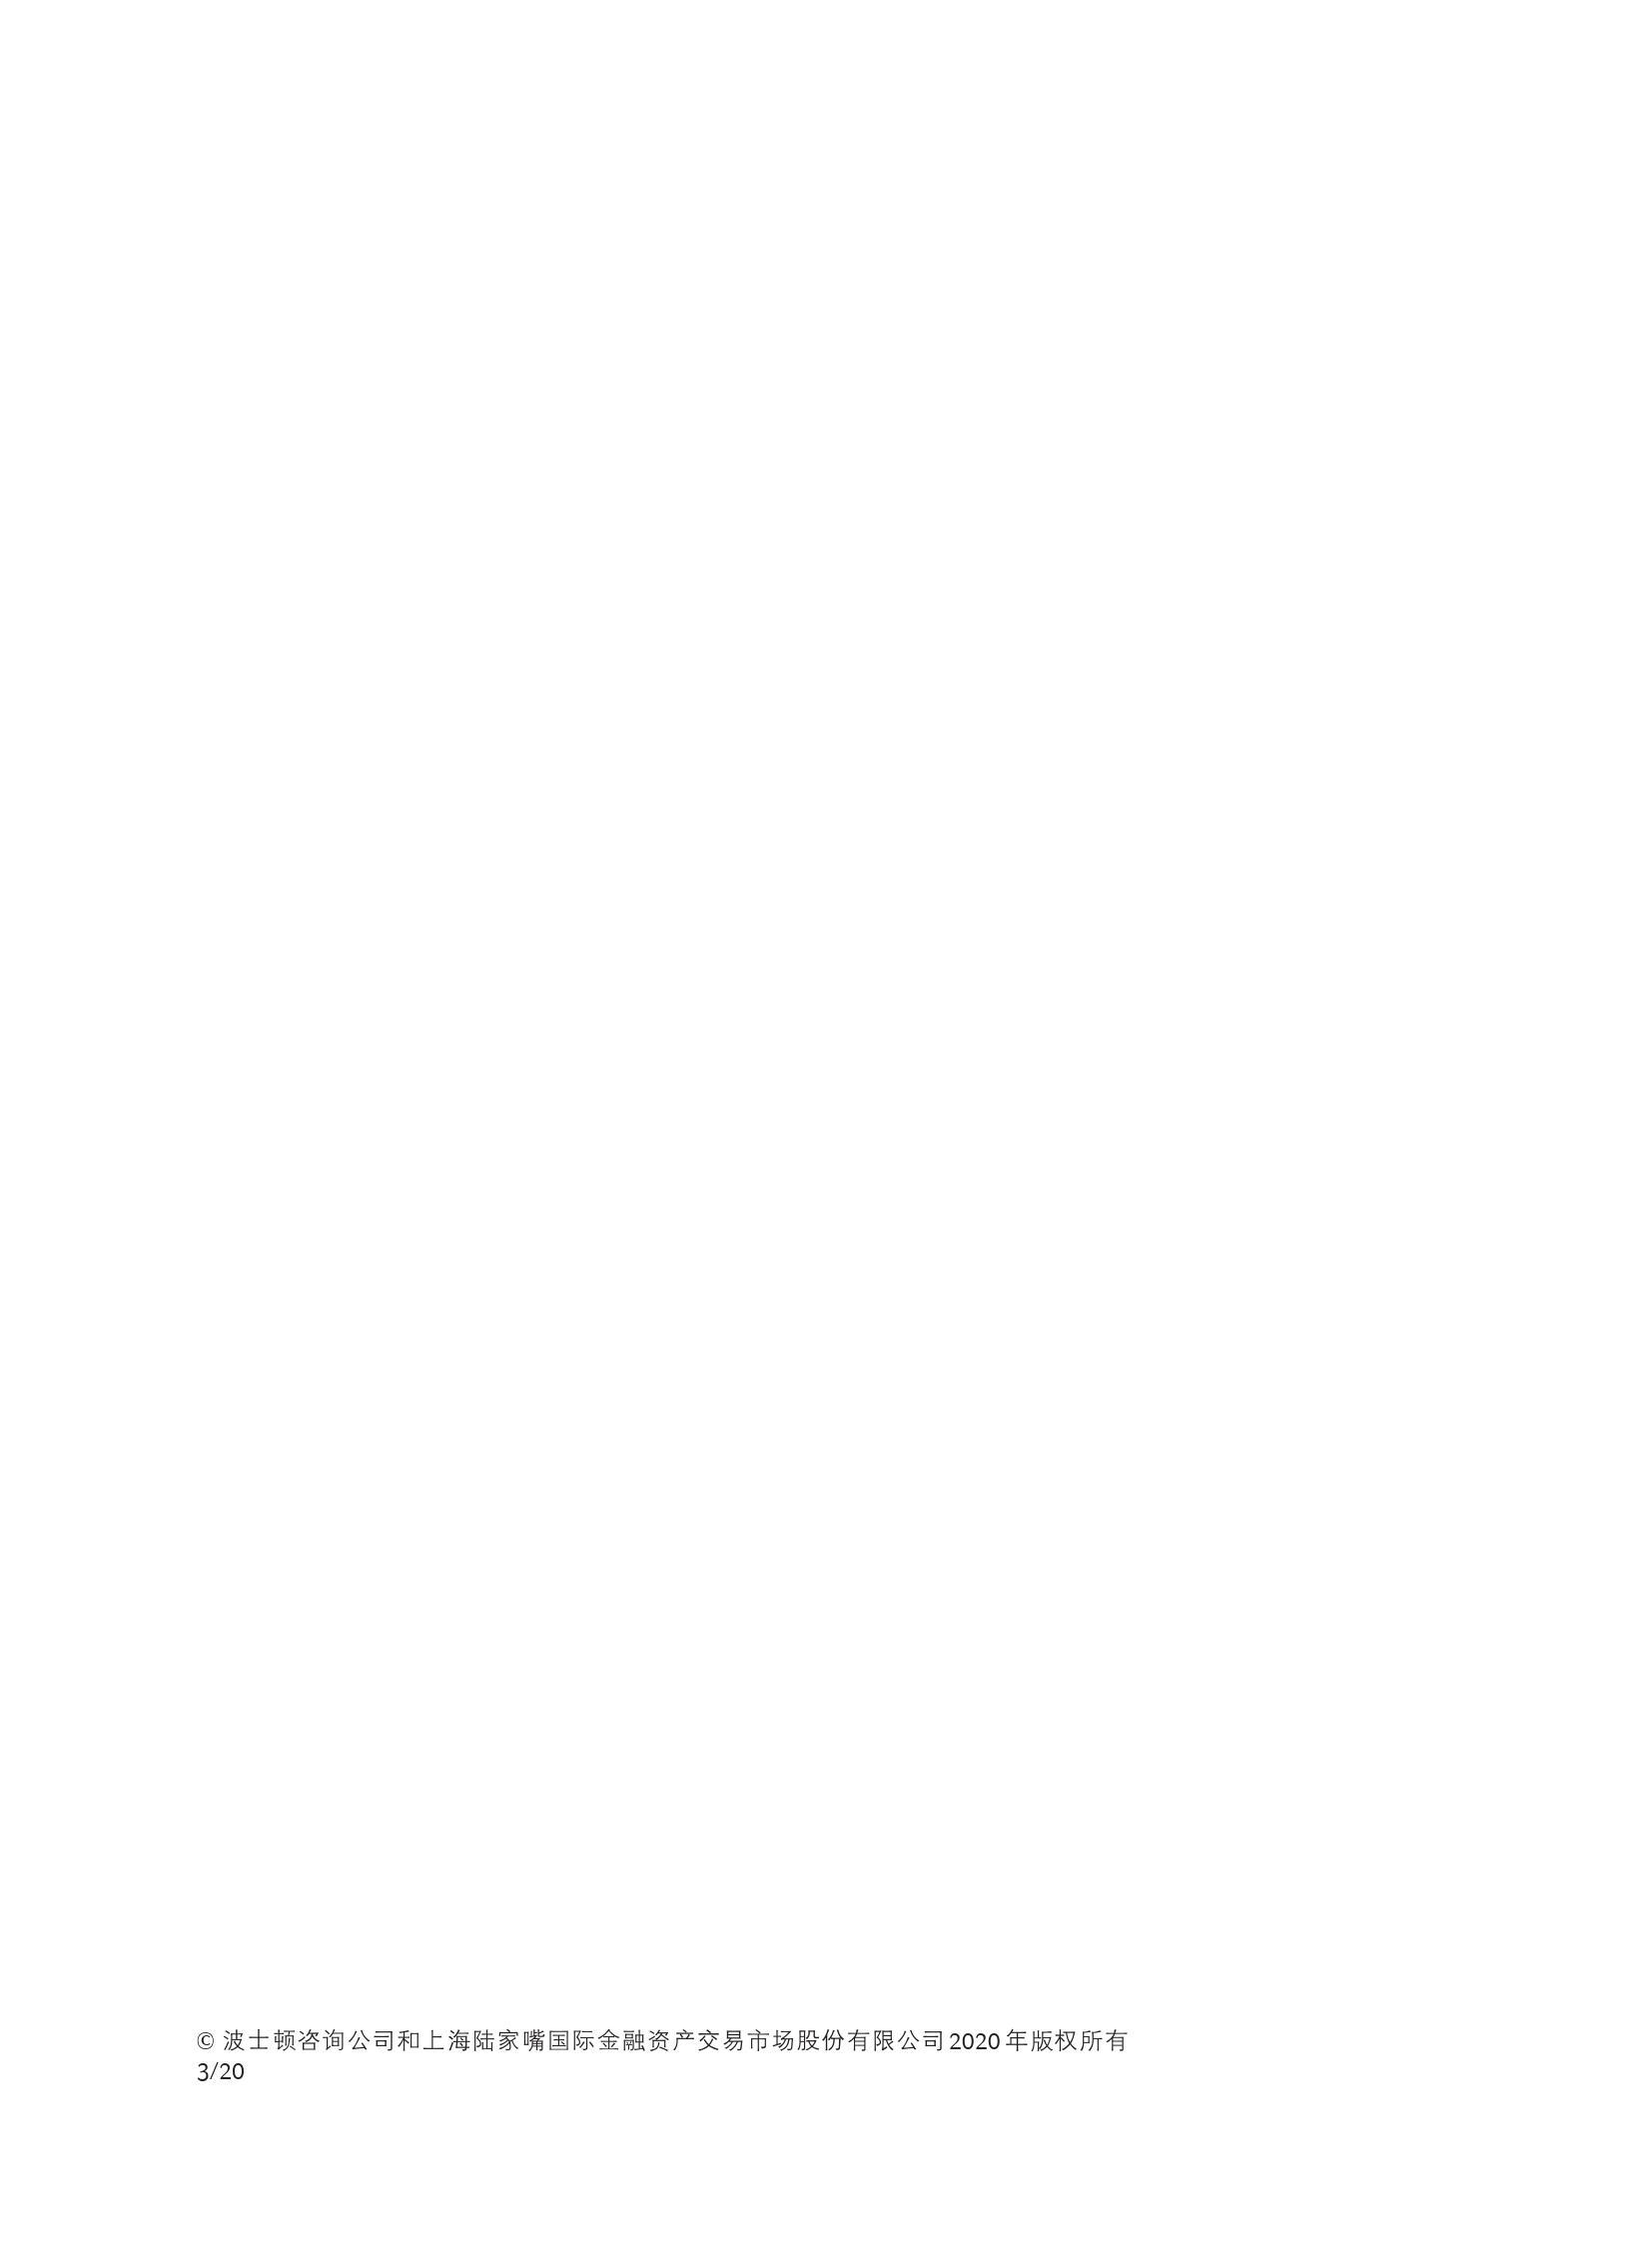 波士顿咨询&陆金所:2019-2020全球数字财富管理报告